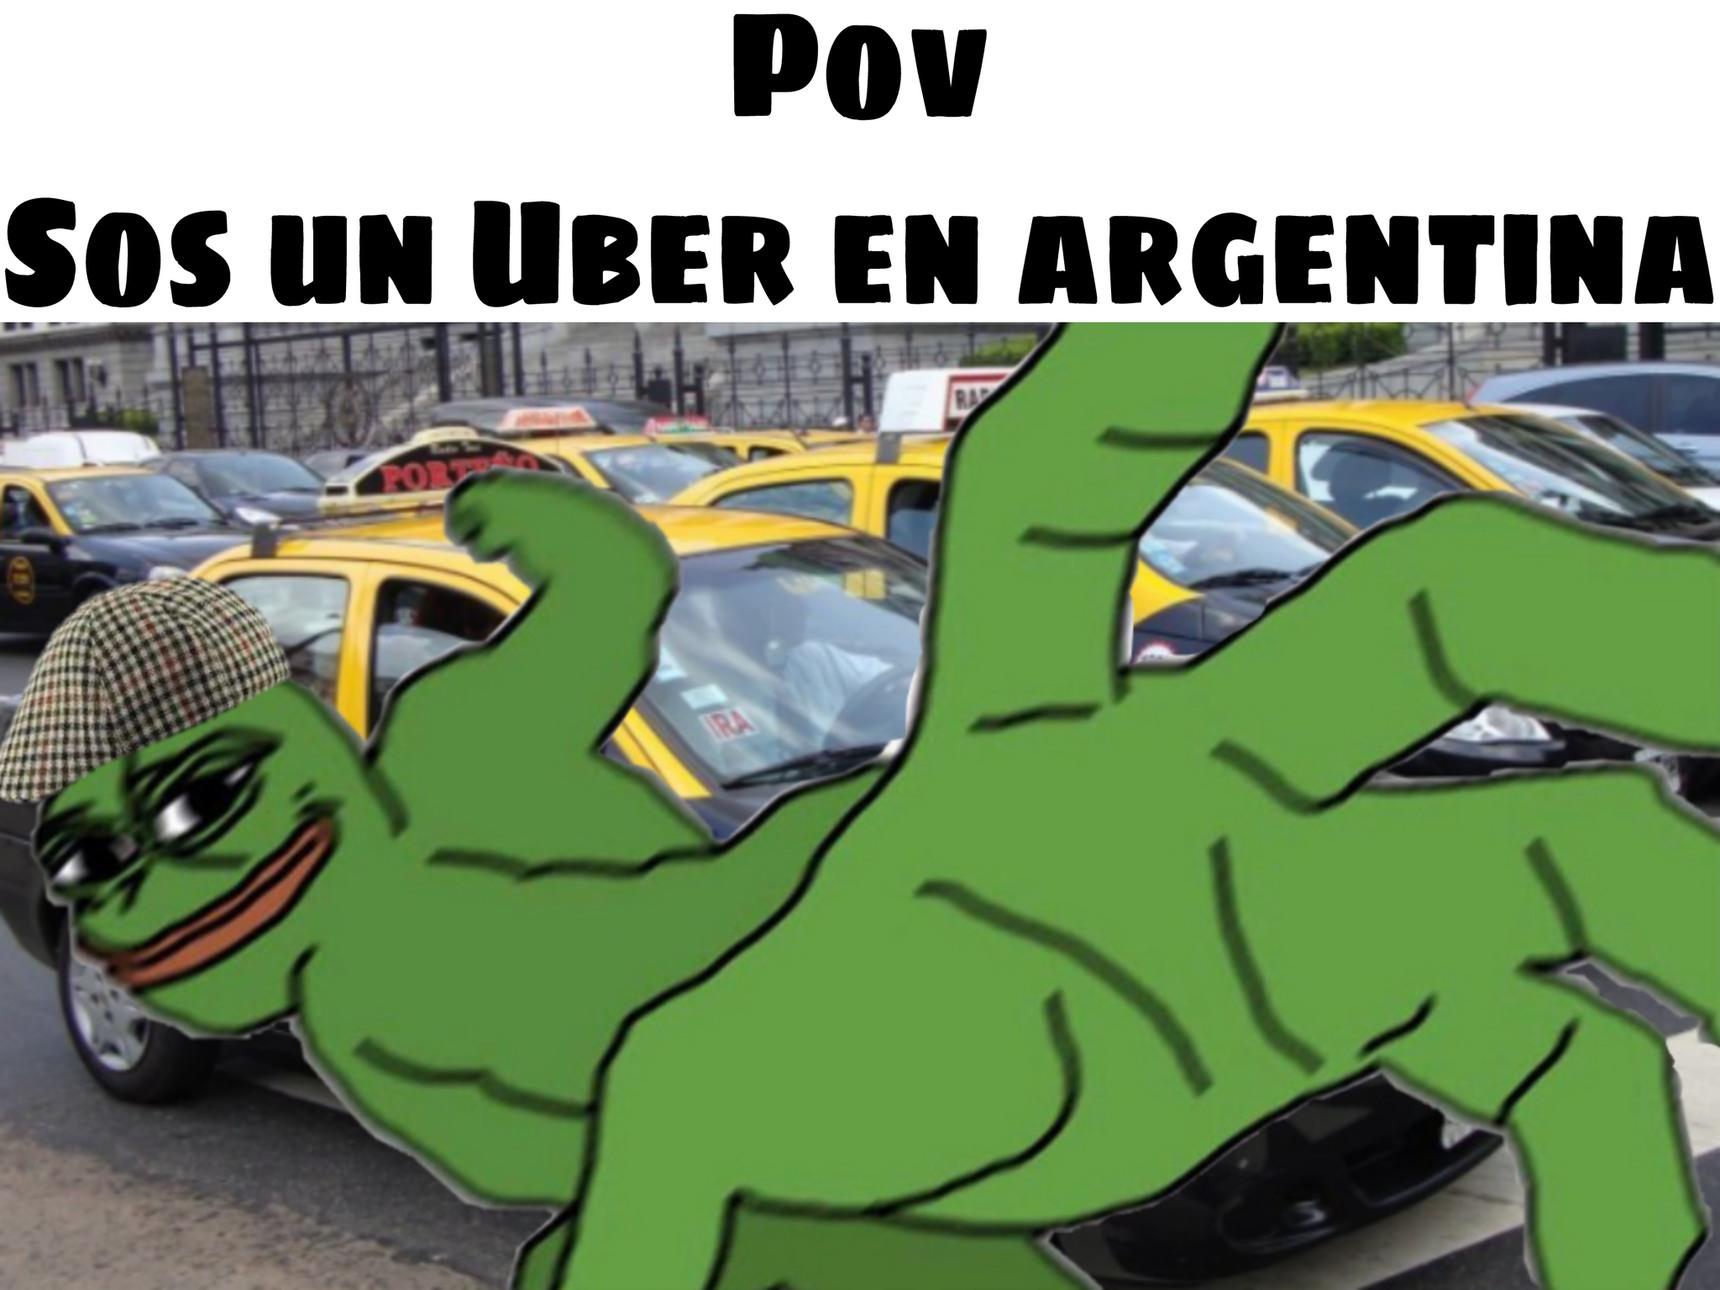 Pov sos un Uber en argentina - meme